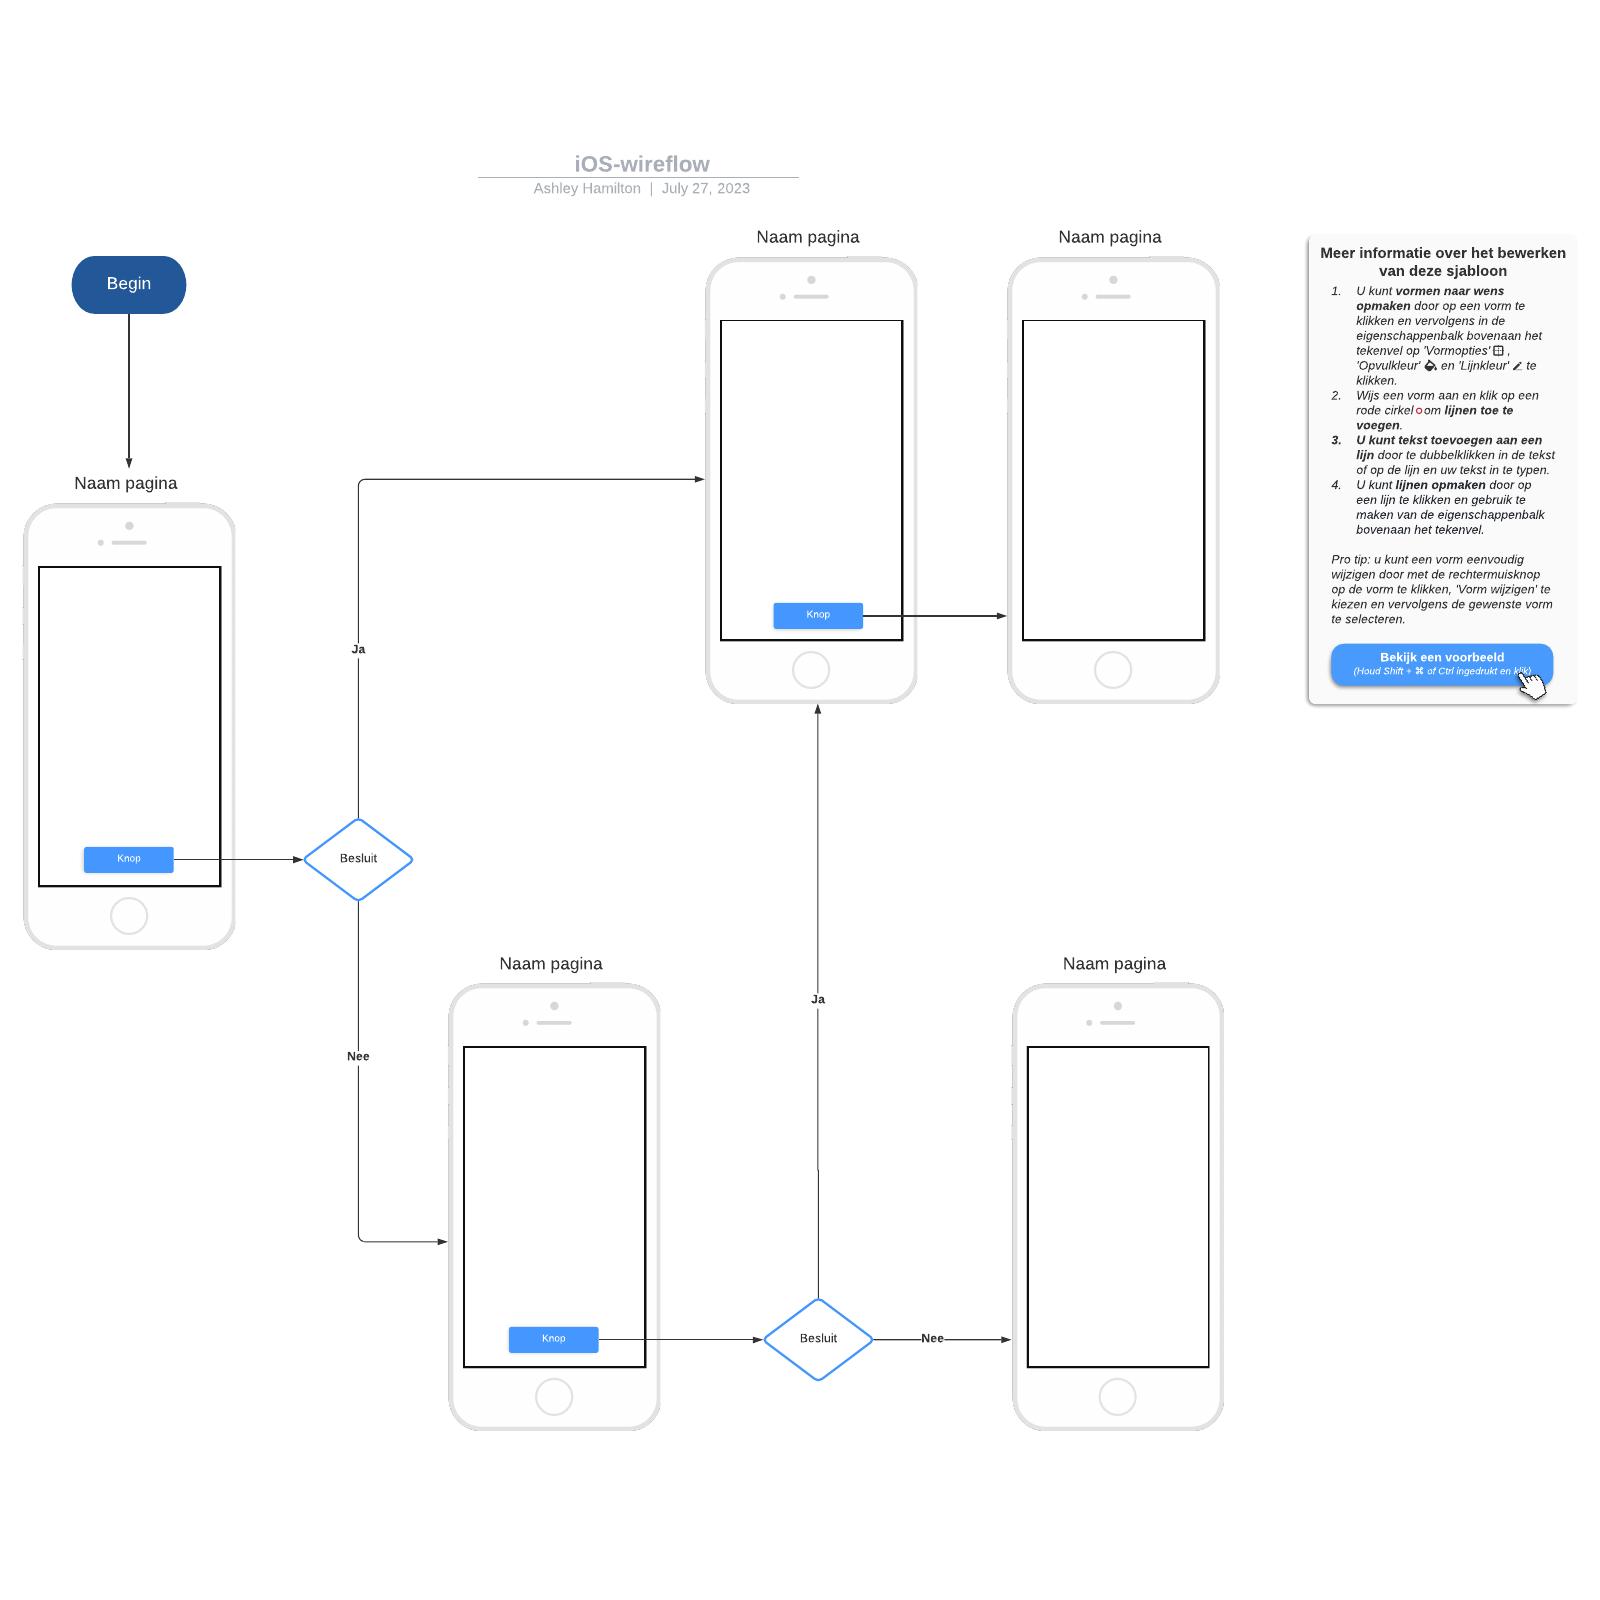 iOS-wireflow